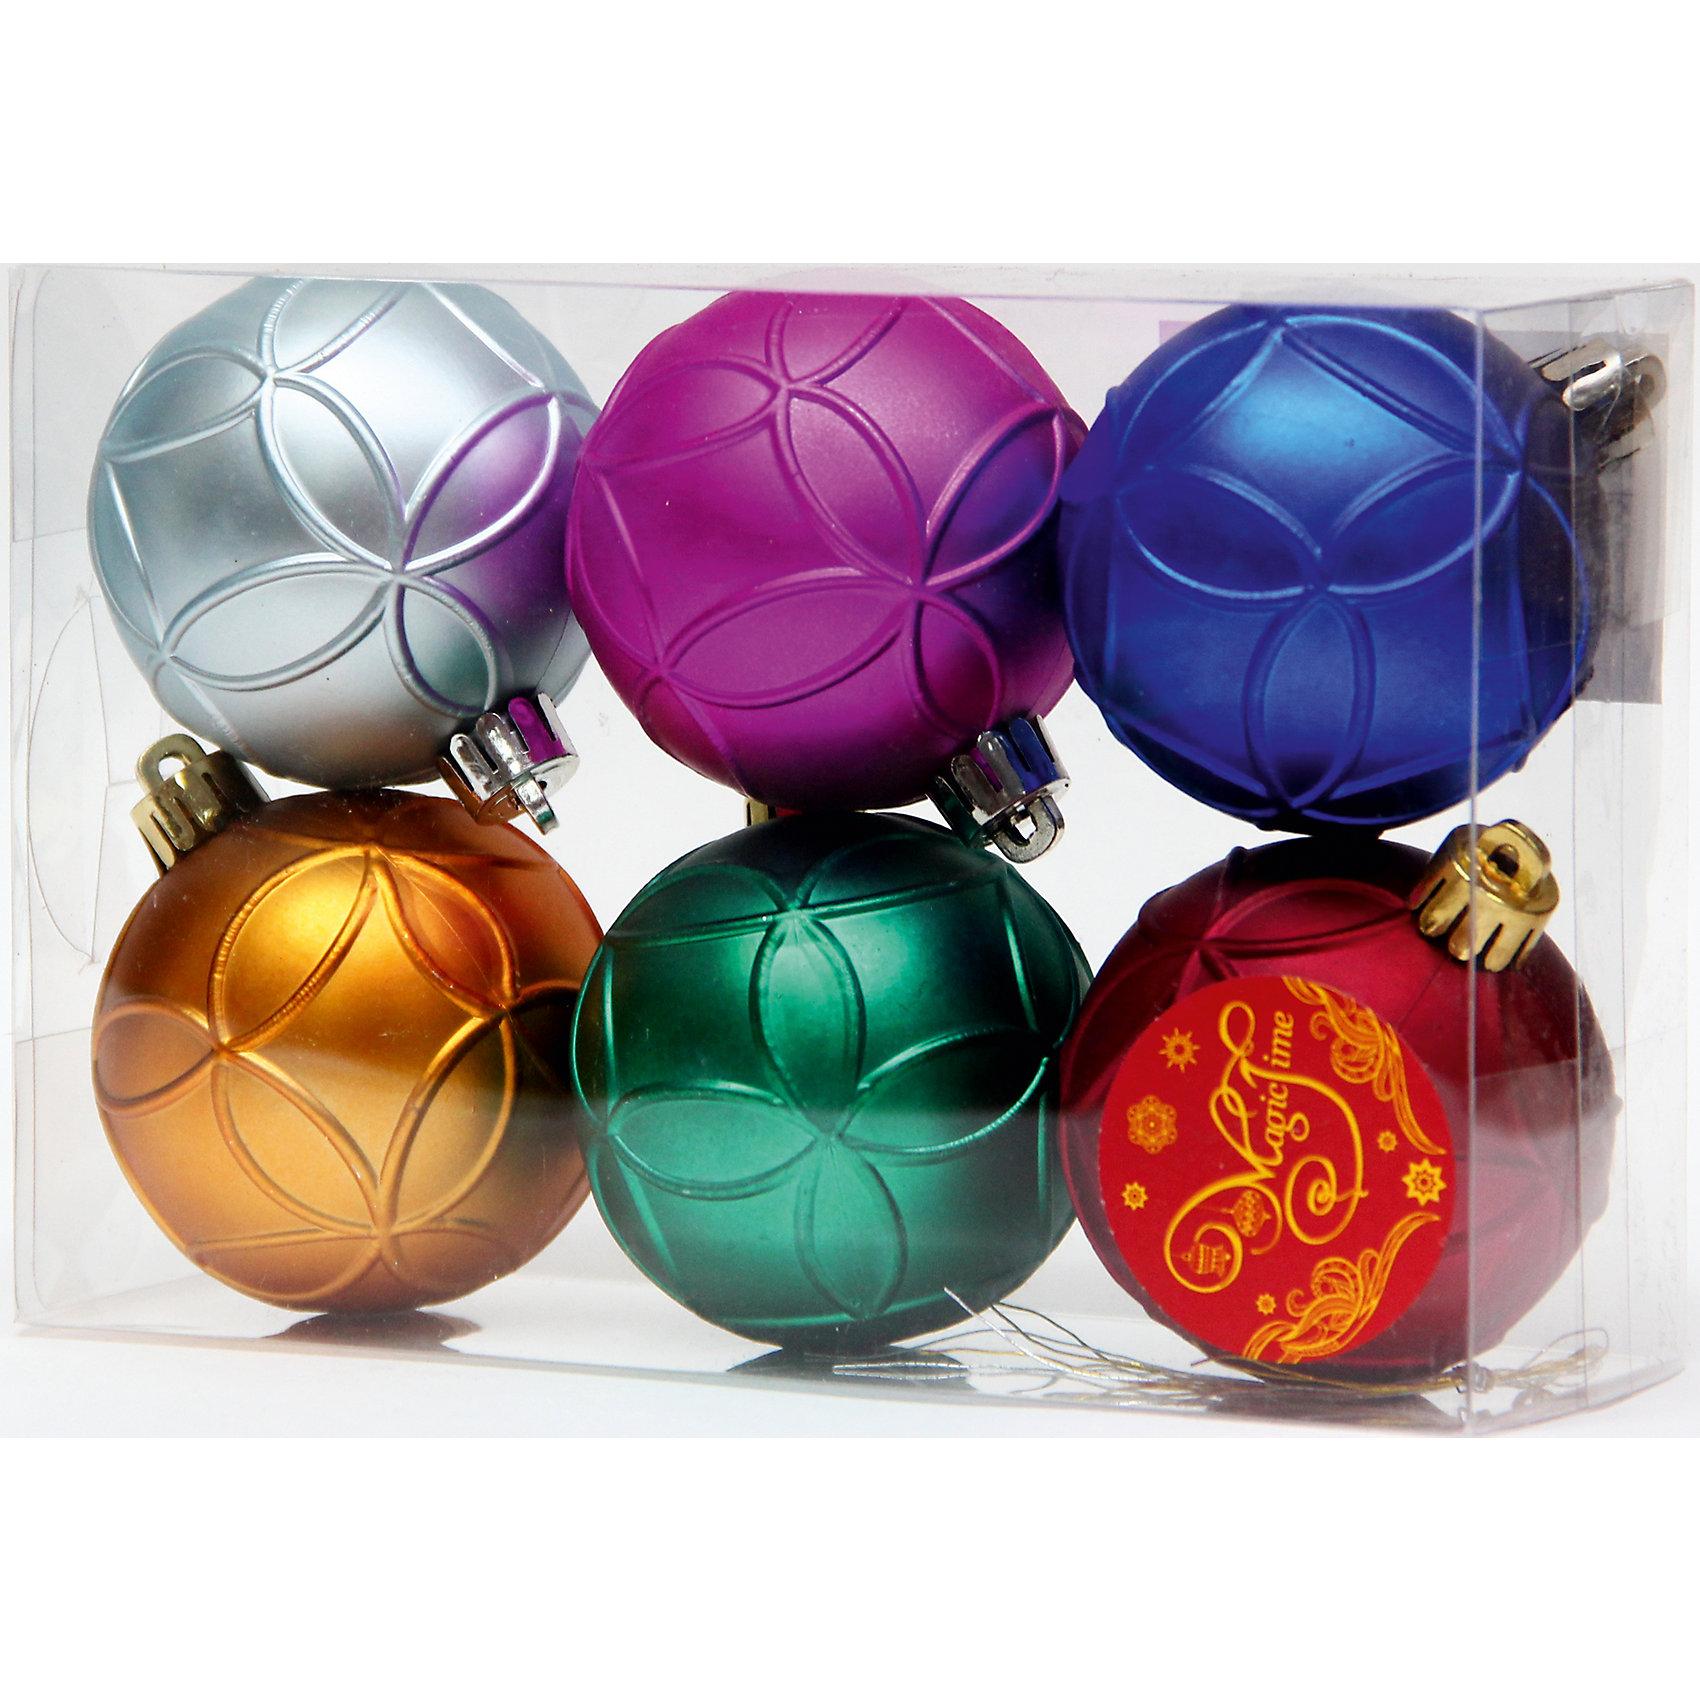 Набор шаров Разноцветное счастье 6 штНовогоднее украшение шаров  Разноцветное счастье  станет отличным украшением для вашей новогодней ёлки. Все шары имеют пеструю окраску и создадут особую атмосферу нового года. Изделия высокого качества, так что будут радовать вас и ваших близких не один год. <br>Характеристика:<br>-Количество: 6 шт.<br>-Арт.: 41945<br><br>Набор шаров Разноцветное счастье можно приобрести в нашем интернет-магазине.<br><br>Ширина мм: 300<br>Глубина мм: 250<br>Высота мм: 100<br>Вес г: 81<br>Возраст от месяцев: 36<br>Возраст до месяцев: 2147483647<br>Пол: Унисекс<br>Возраст: Детский<br>SKU: 4981453